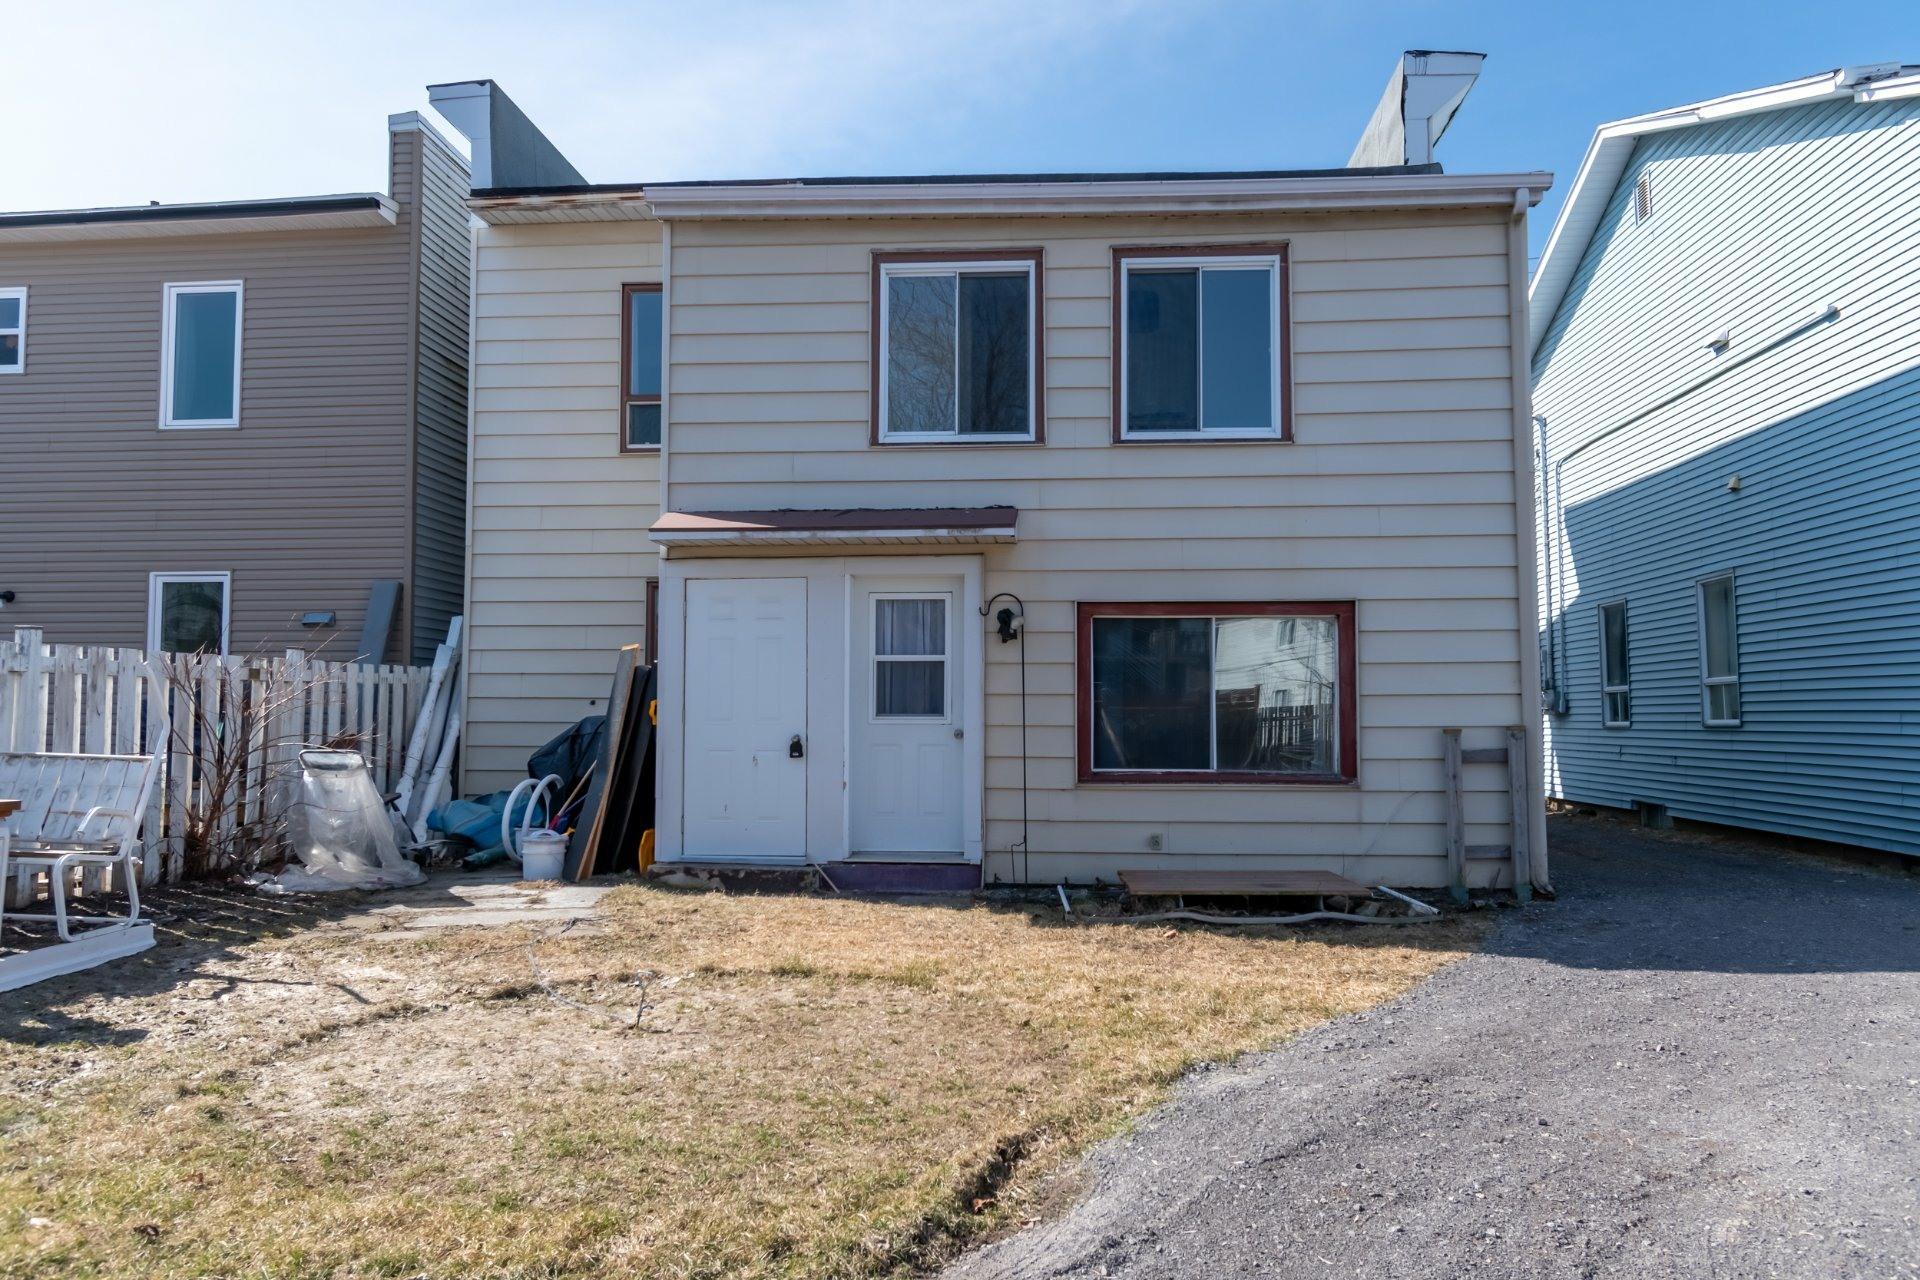 image 29 - Duplex For sale Trois-Rivières - 4 rooms